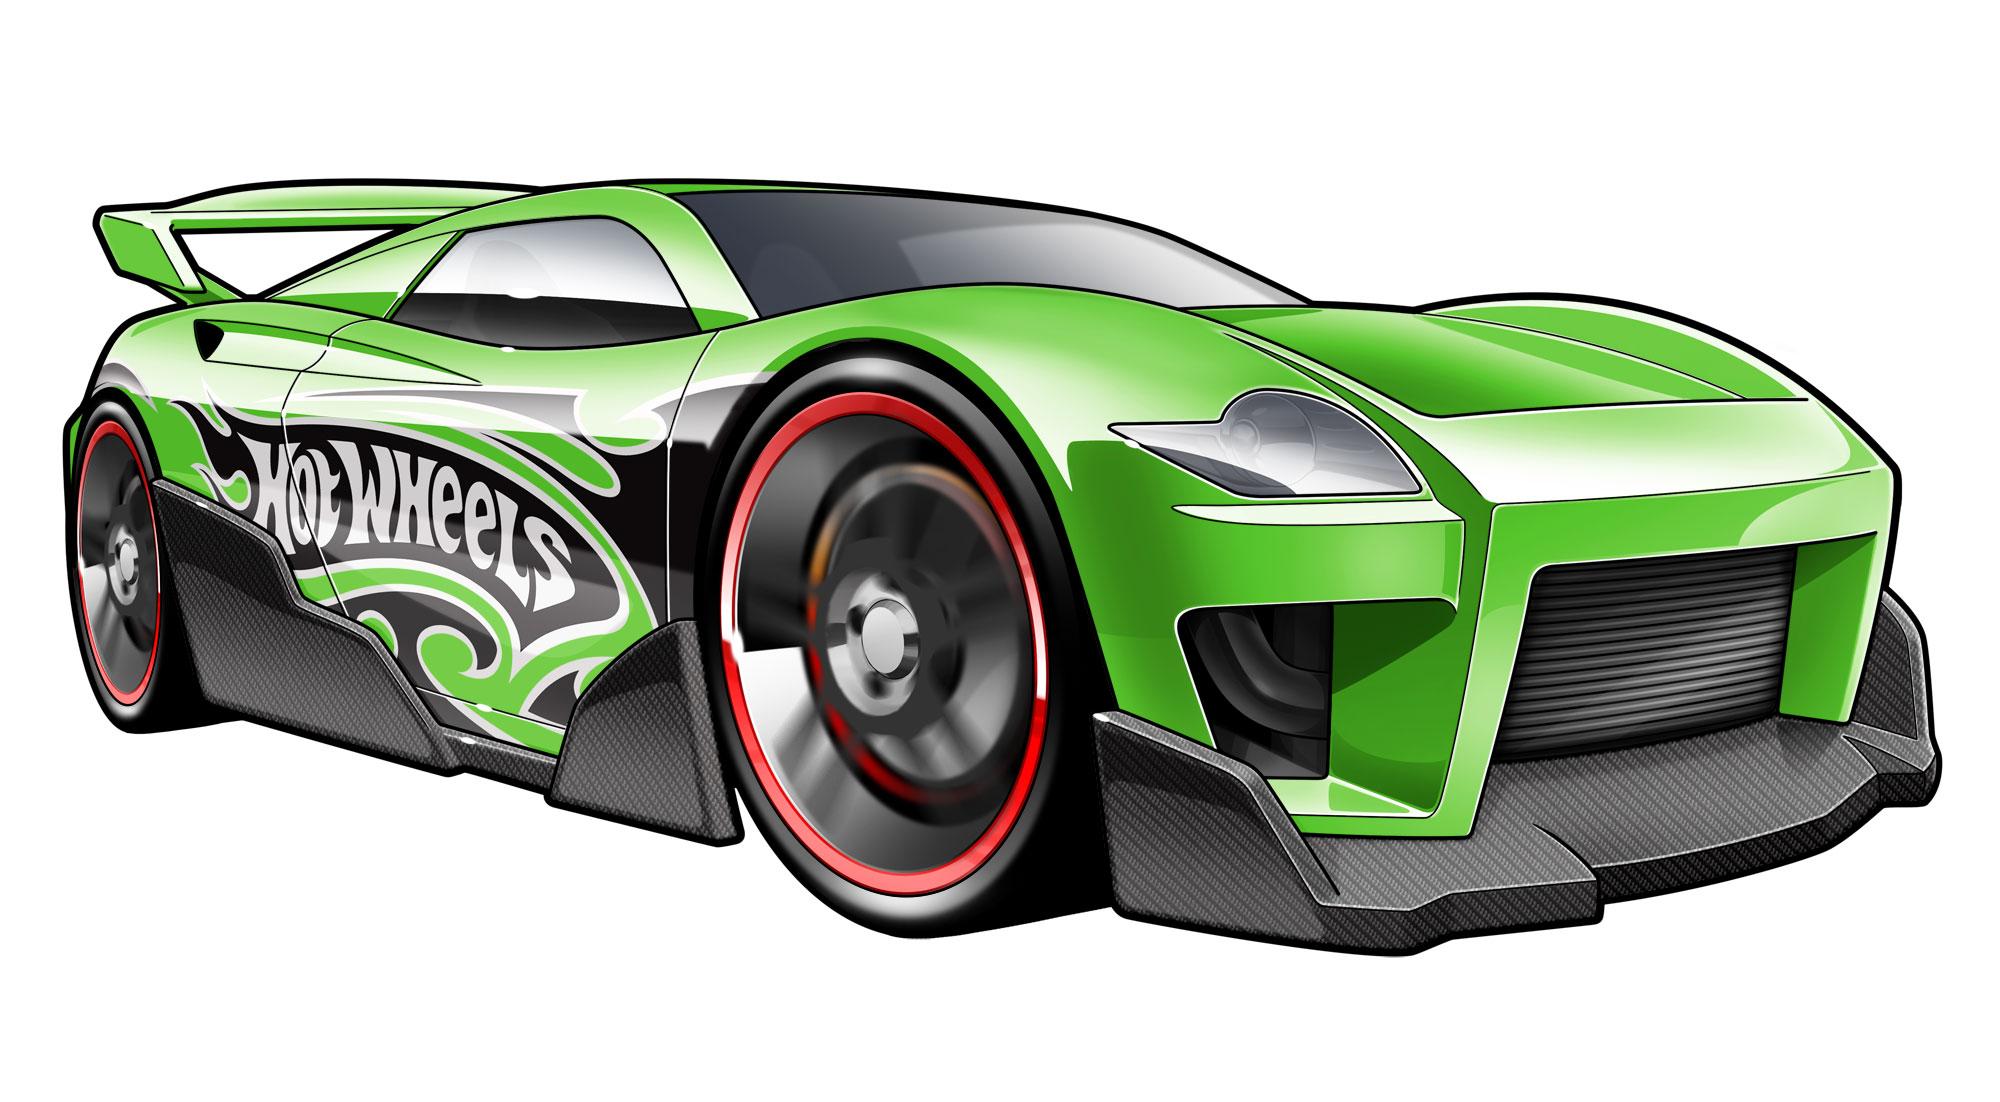 Hot Wheels Car Clipart Free.